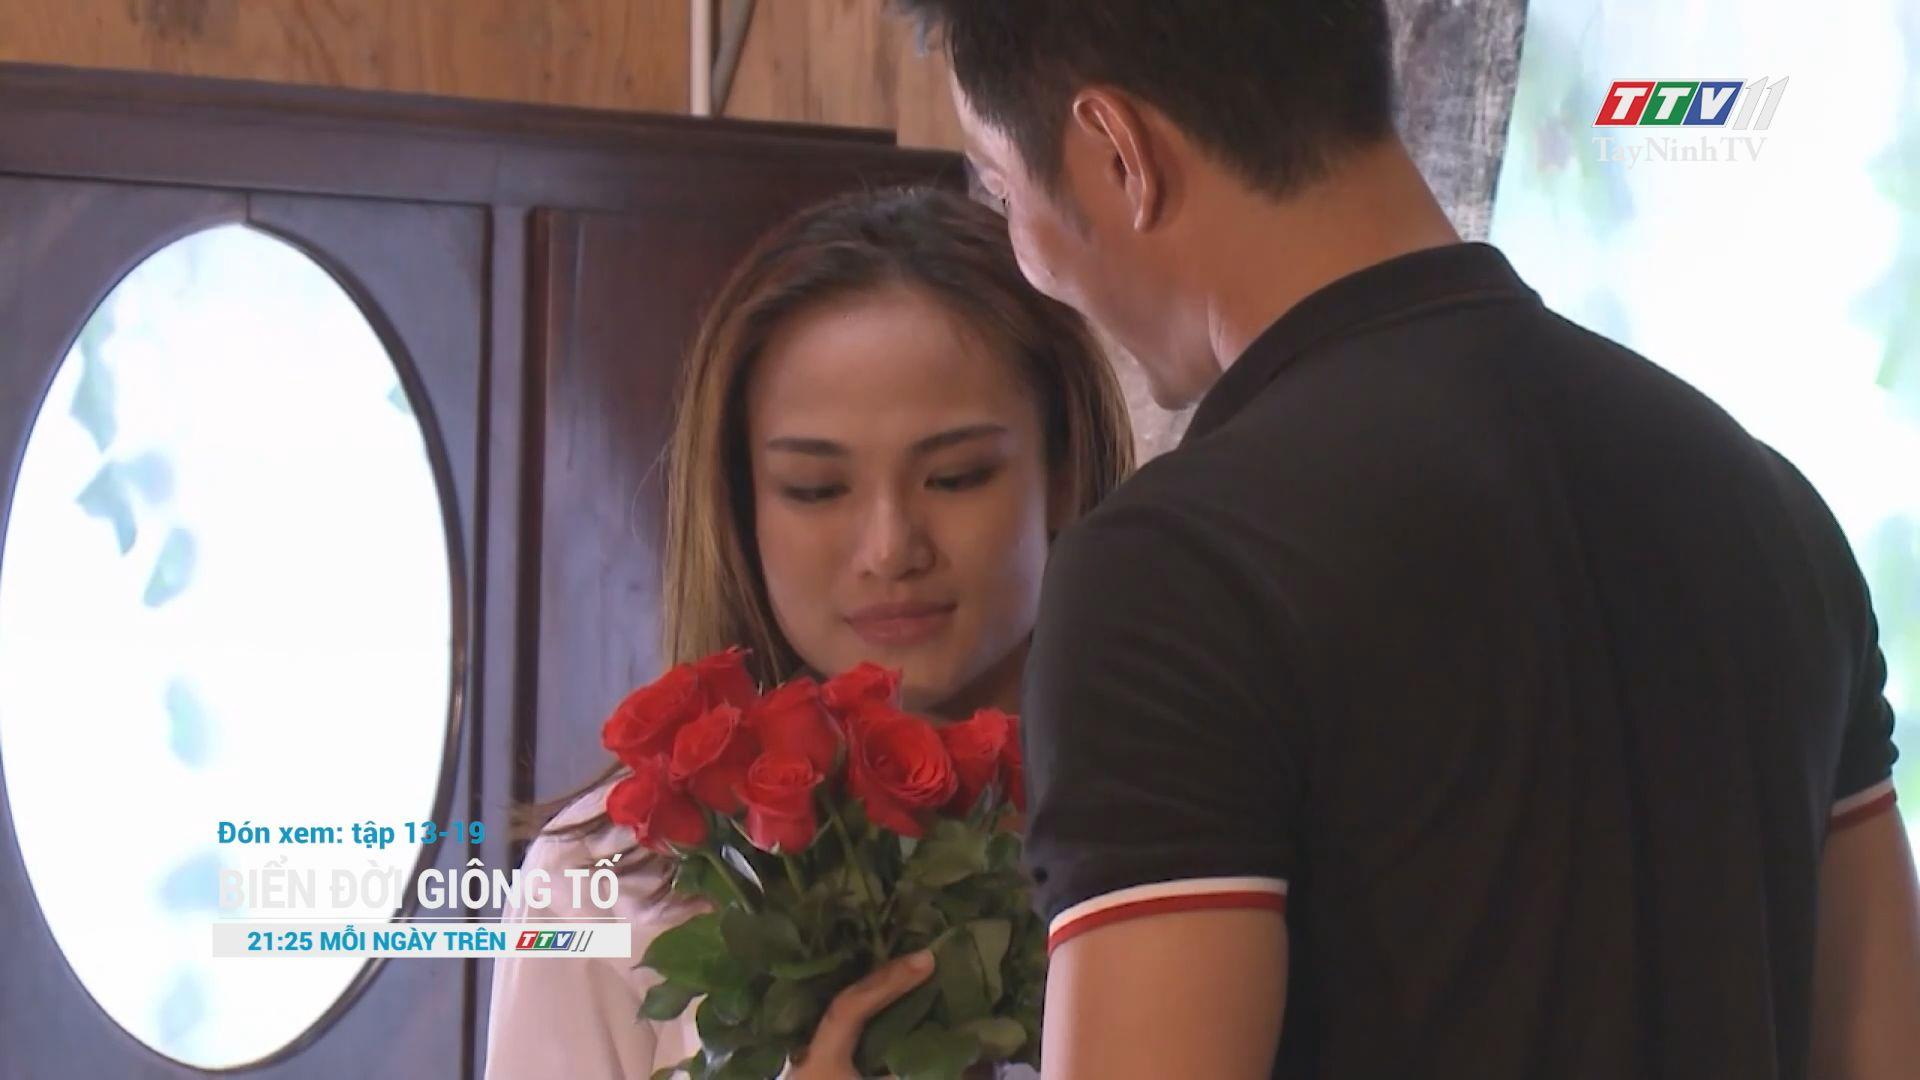 Phim BIỂN ĐỜI GIÔNG TỐ - Trailer Tập 12-19 | GIỚI THIỆU PHIM | TayNinhTV